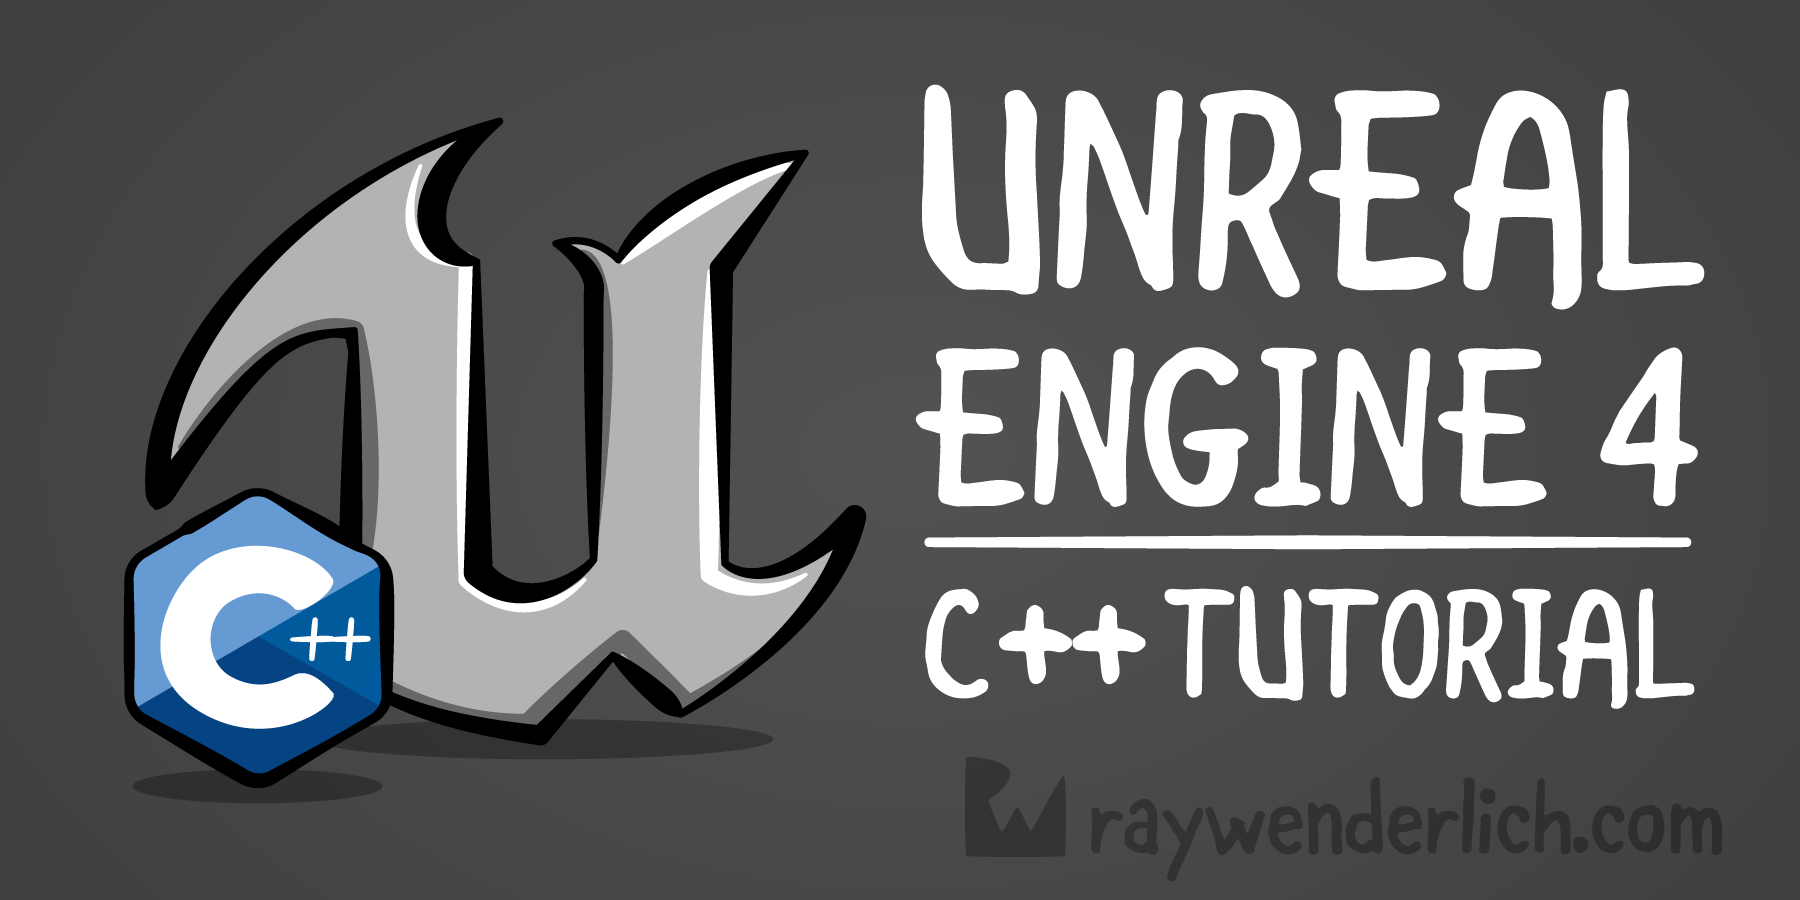 Ue4 Constructor Vs Beginplay